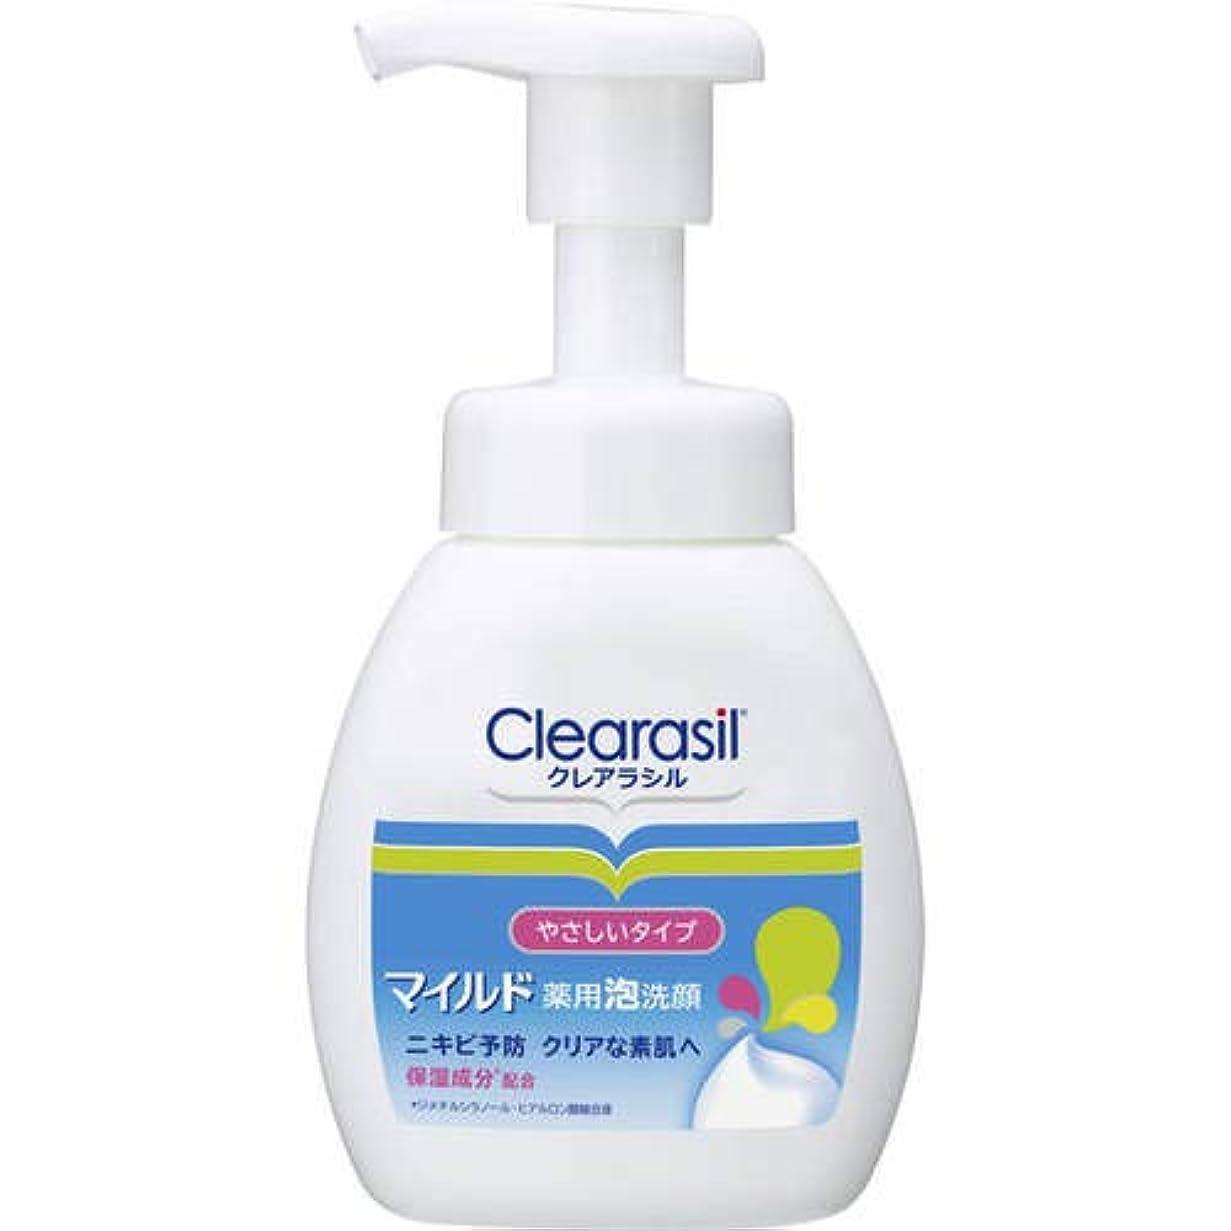 ディスク作物かかわらずクレアラシル 薬用 泡洗顔フォーム マイルドタイプ 200ml